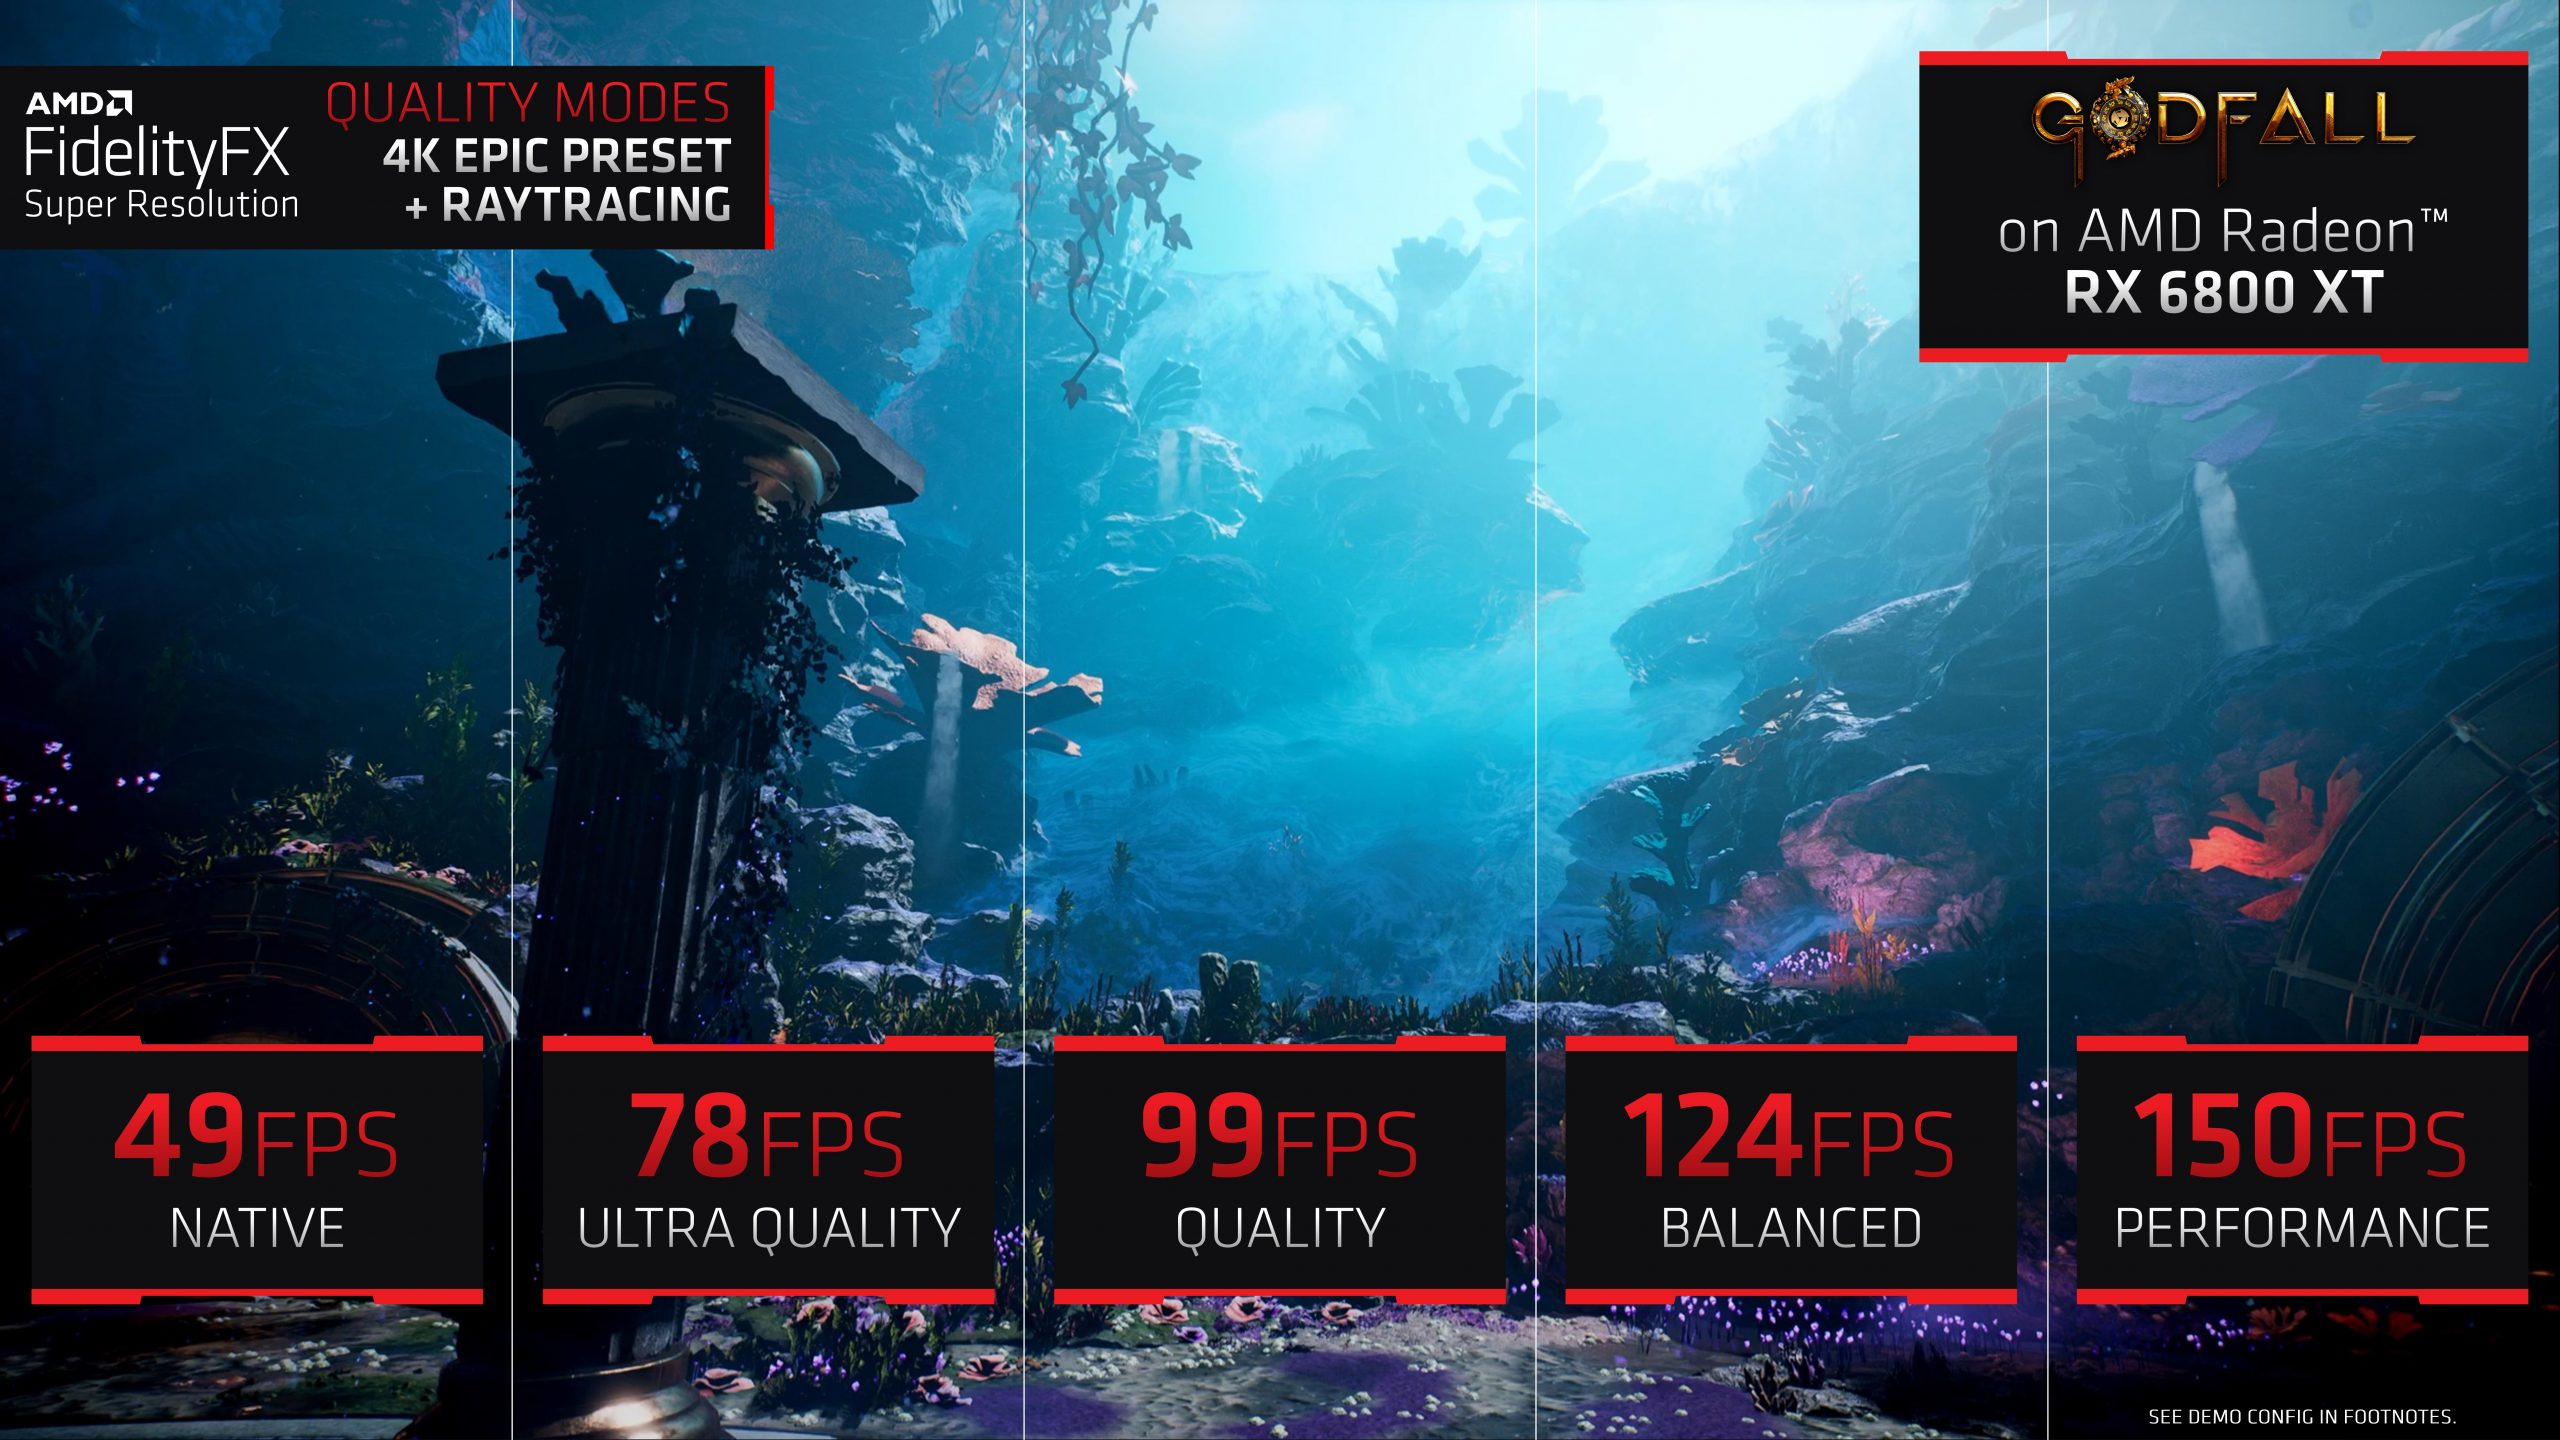 AMD выпустила видеодрайвер Radeon Adrenalin 21.6.1 с поддержкой технологии масштабирования FidelityFX Super Resolution